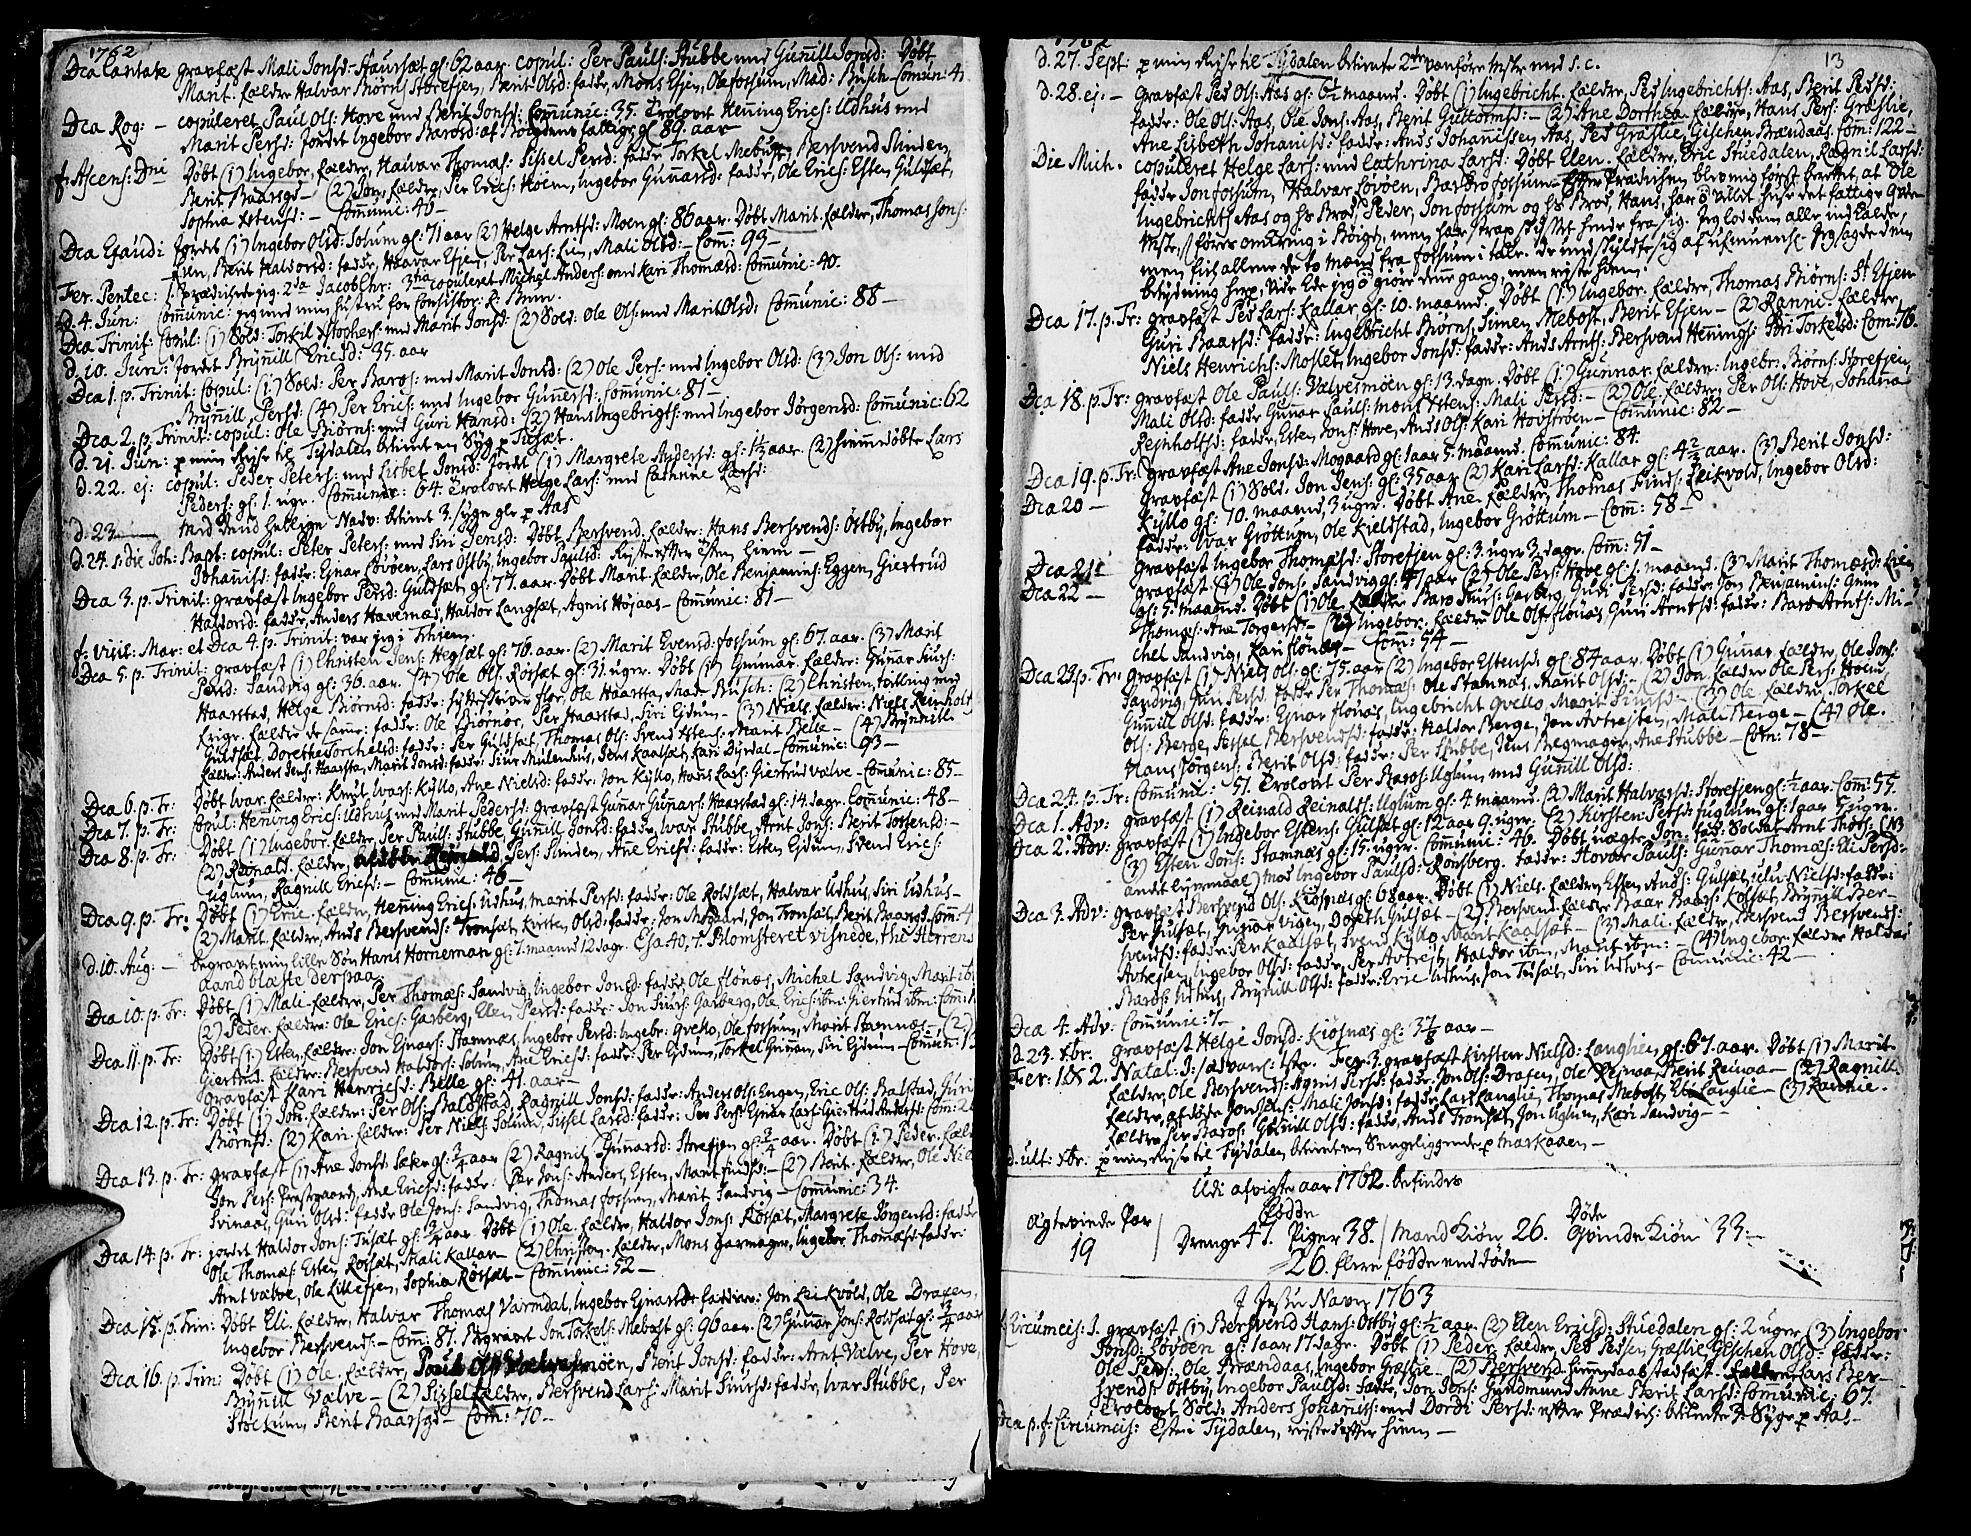 SAT, Ministerialprotokoller, klokkerbøker og fødselsregistre - Sør-Trøndelag, 695/L1138: Ministerialbok nr. 695A02 /1, 1757-1801, s. 13